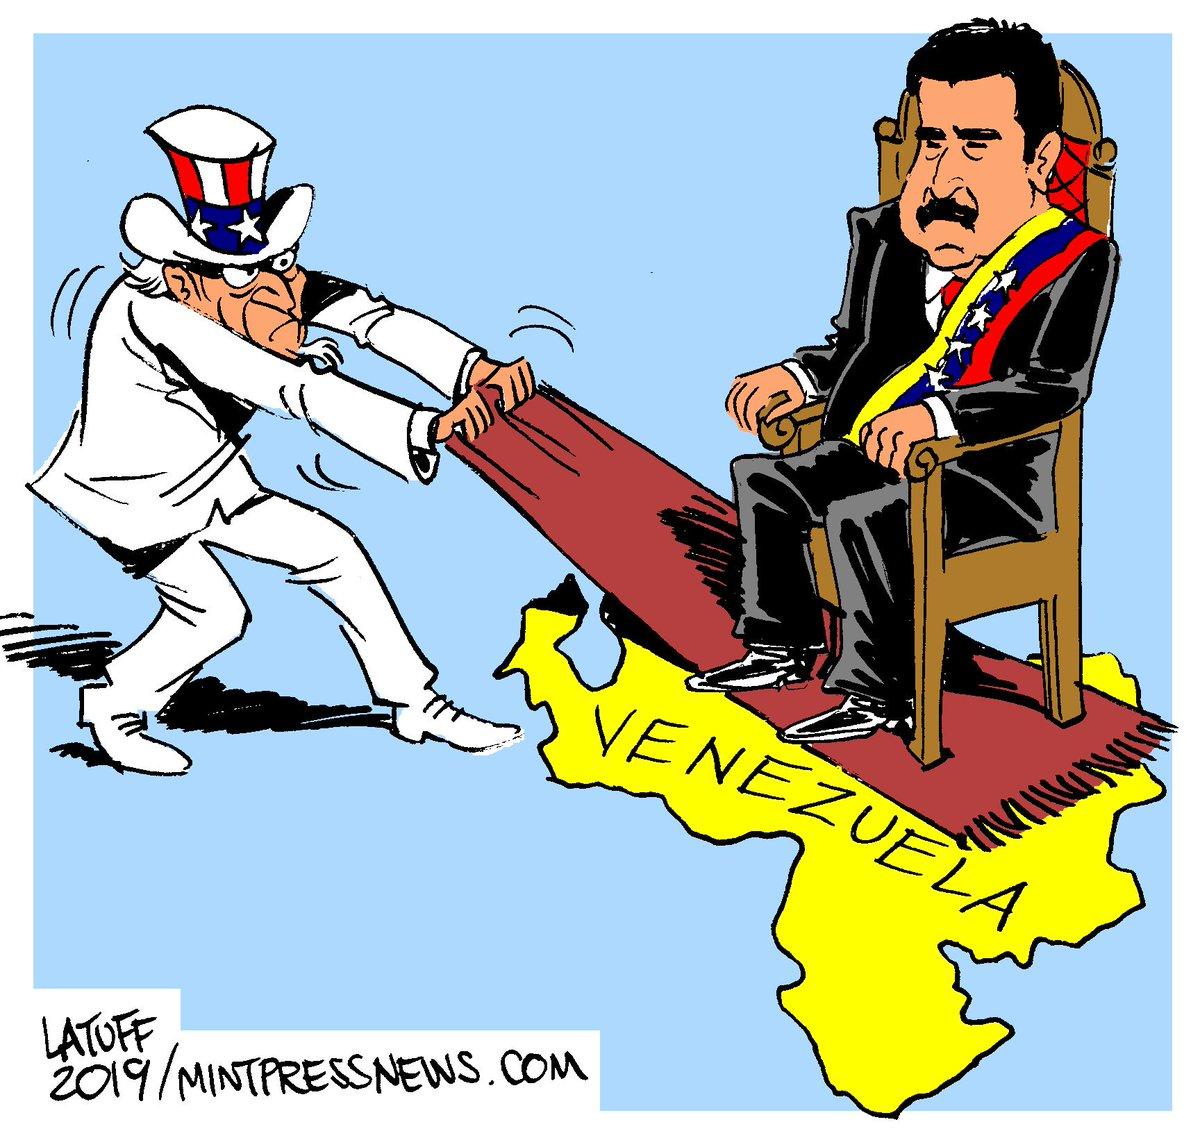 Венесуэла: Государственный переворот или конституционный переход?